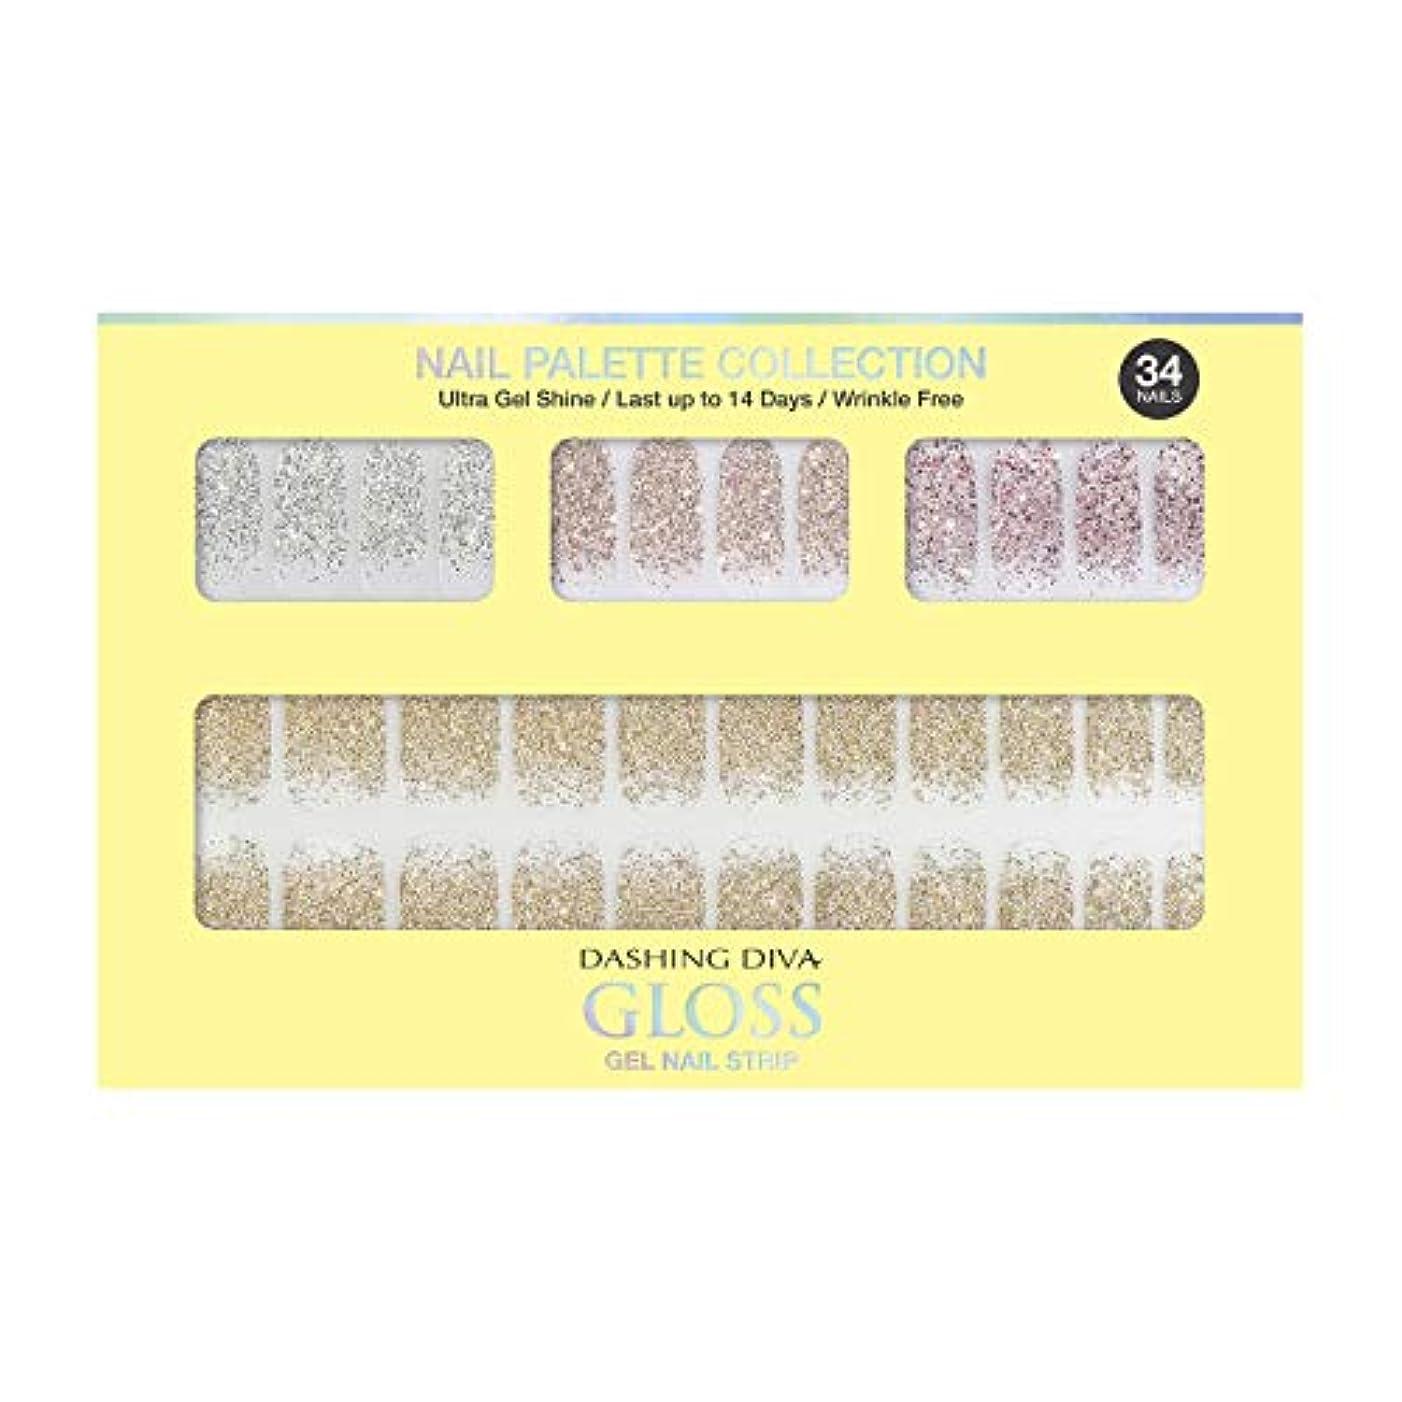 漁師画像台風ダッシングディバ グロスジェル ネイルストリップ DASHING DIVA Gloss Gel Nail Strip DGNP07-DURY+ オリジナルジェル ネイルシール Lemon #07 Sparkling Powder